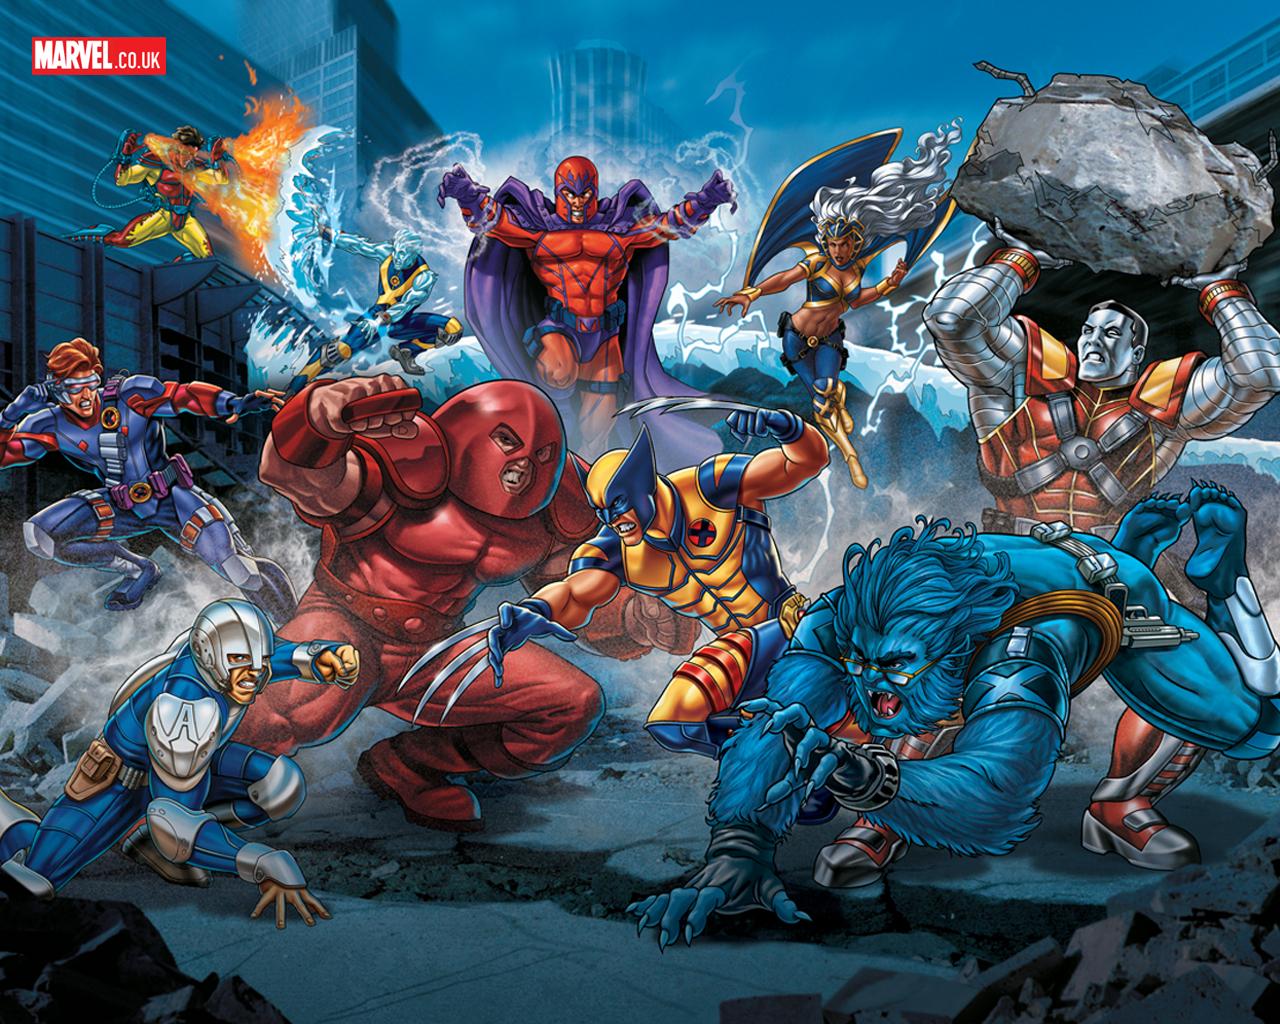 X Men 3 Wallpaper X Men Wallpapers for D...